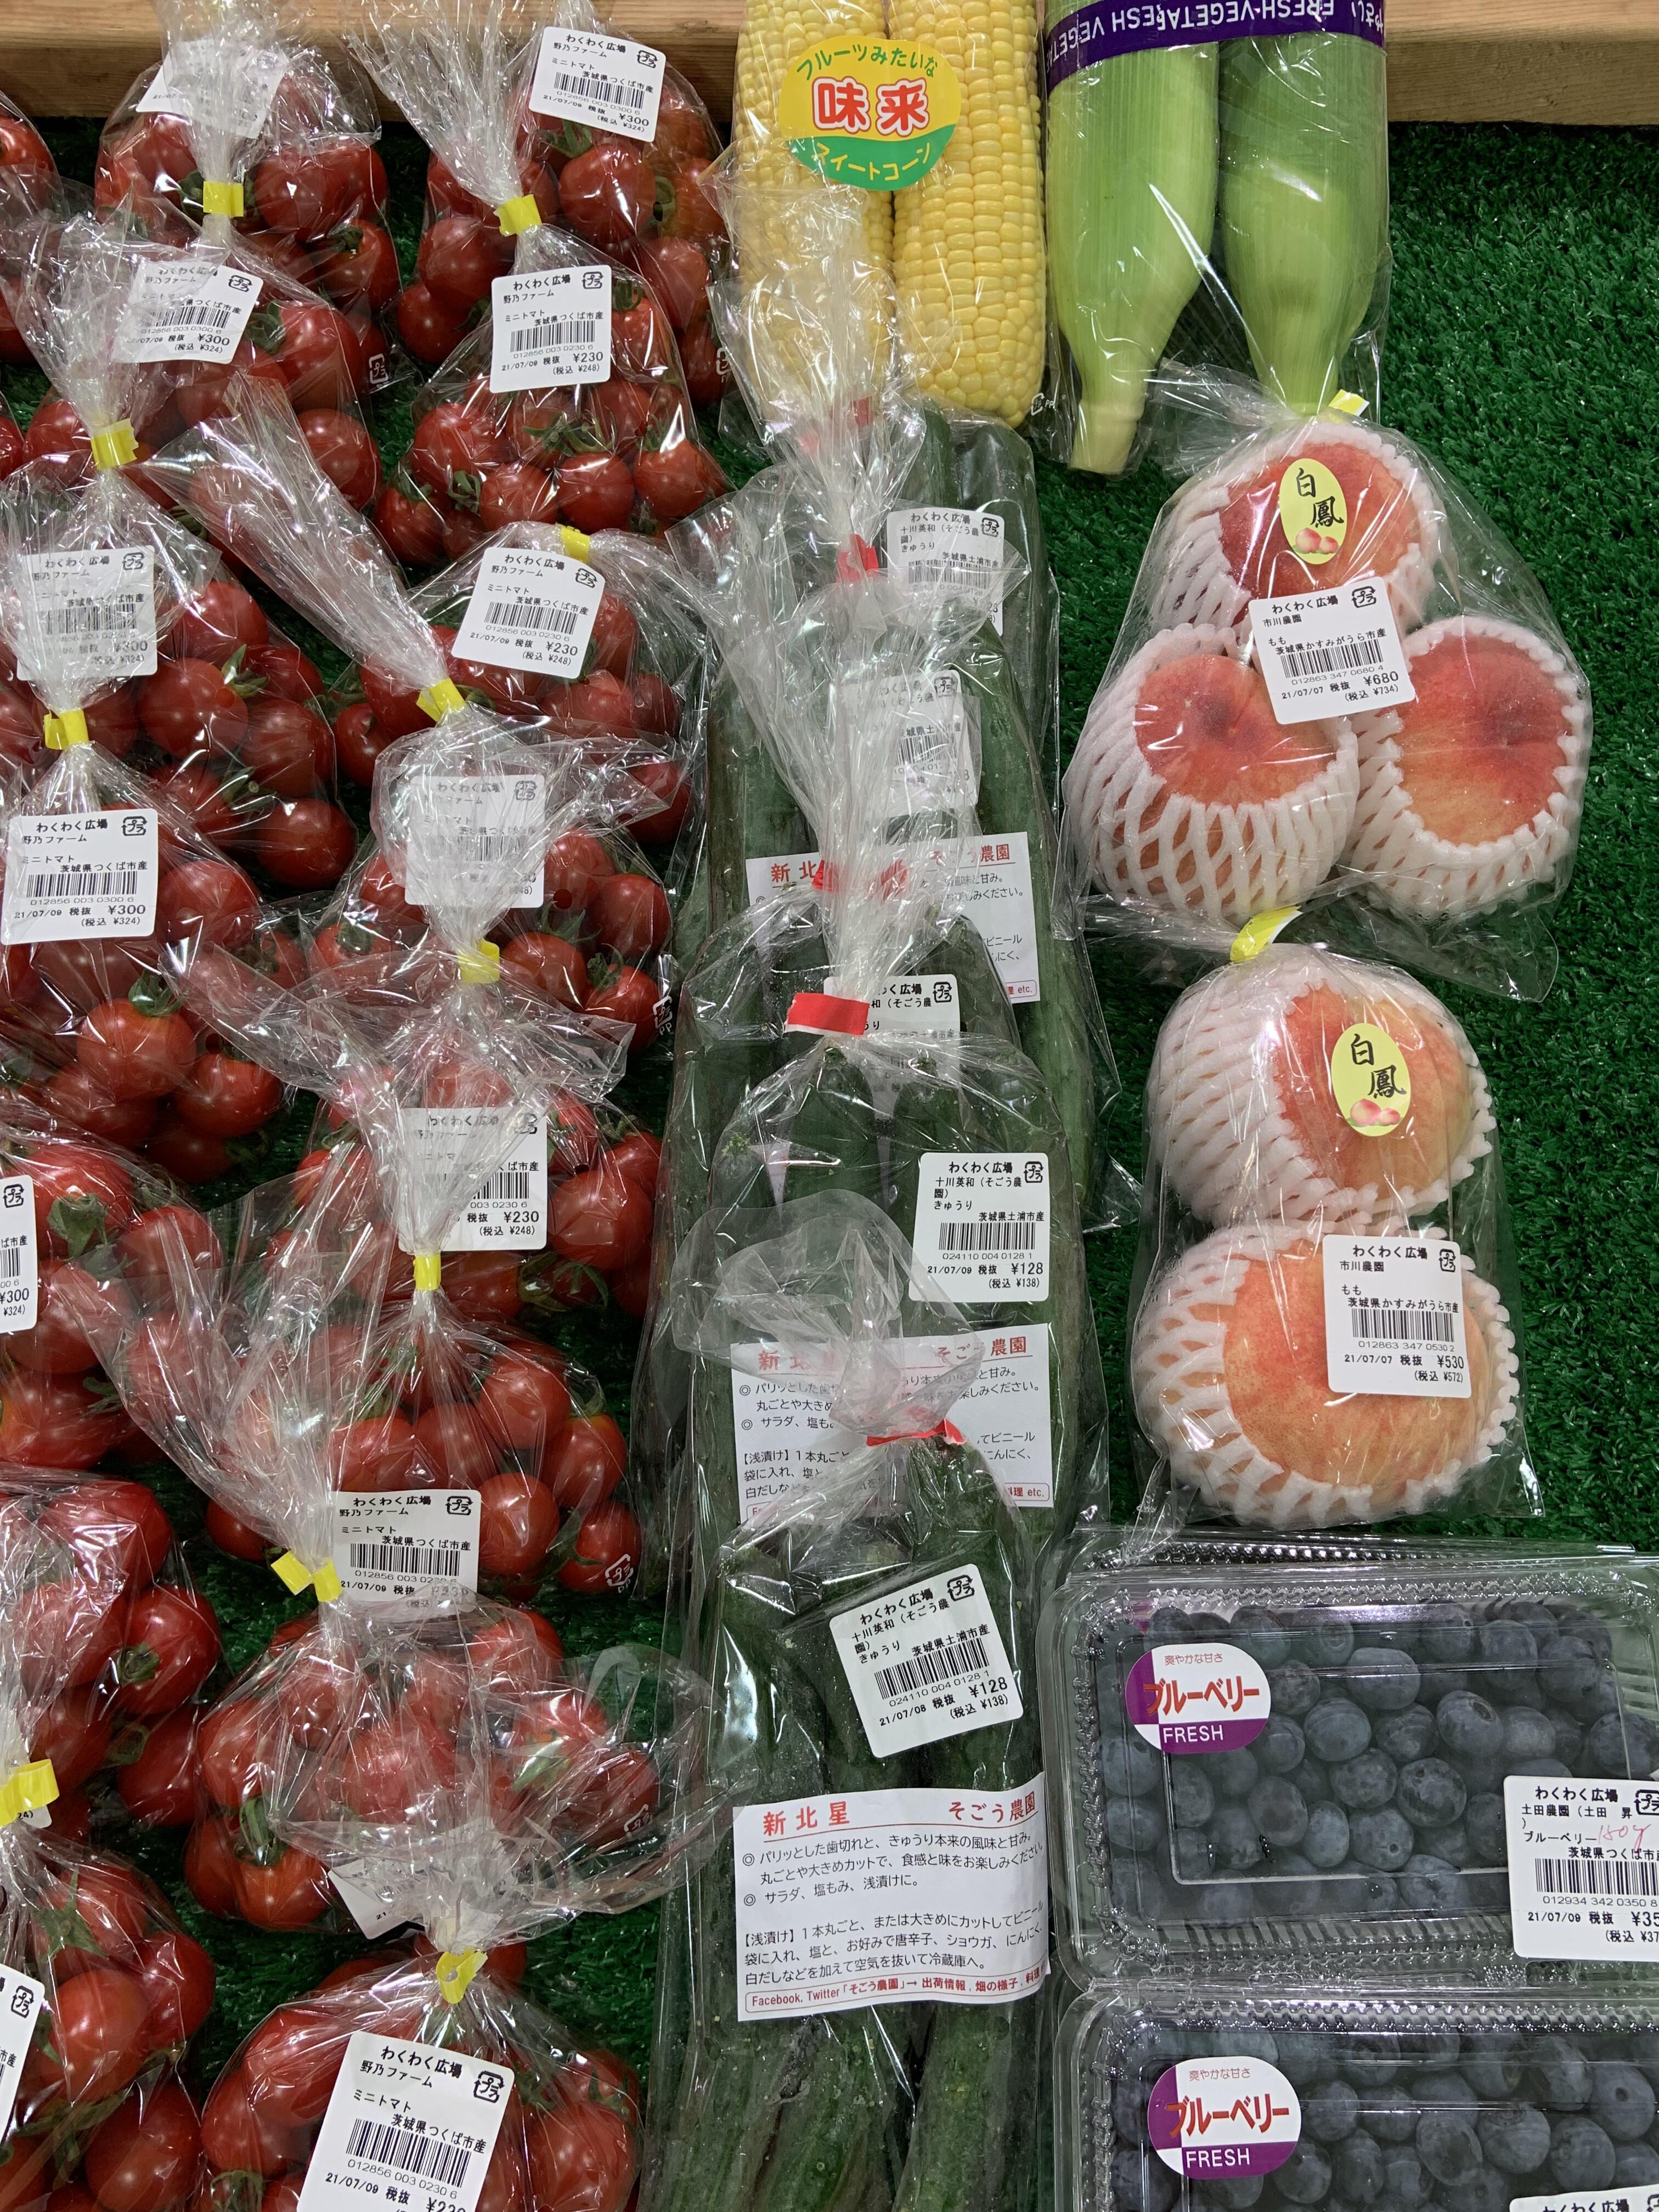 旬の野菜、果物揃えております